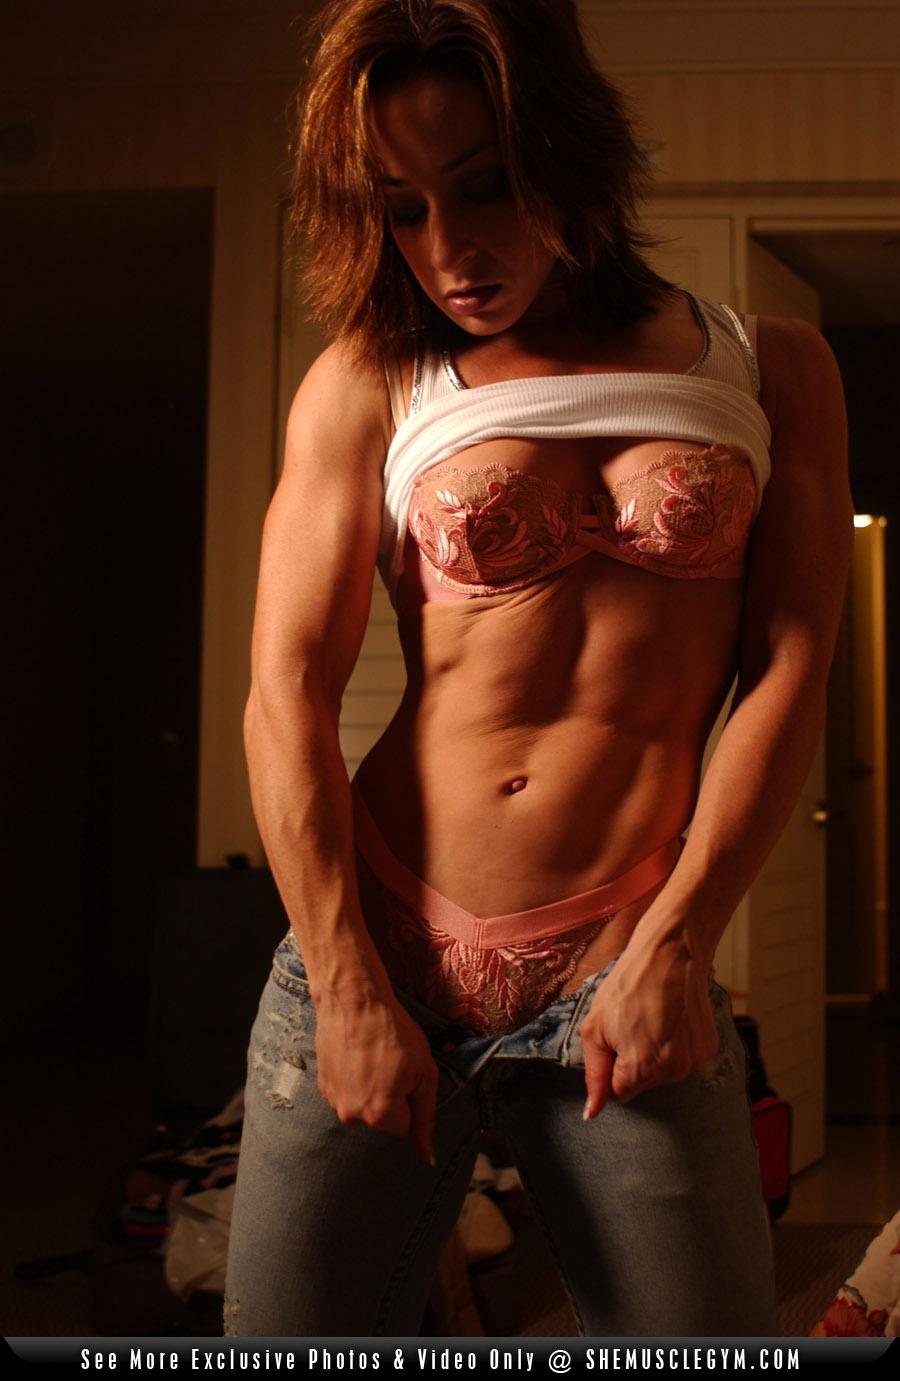 Секс накаченная девушка порно 10 фотография